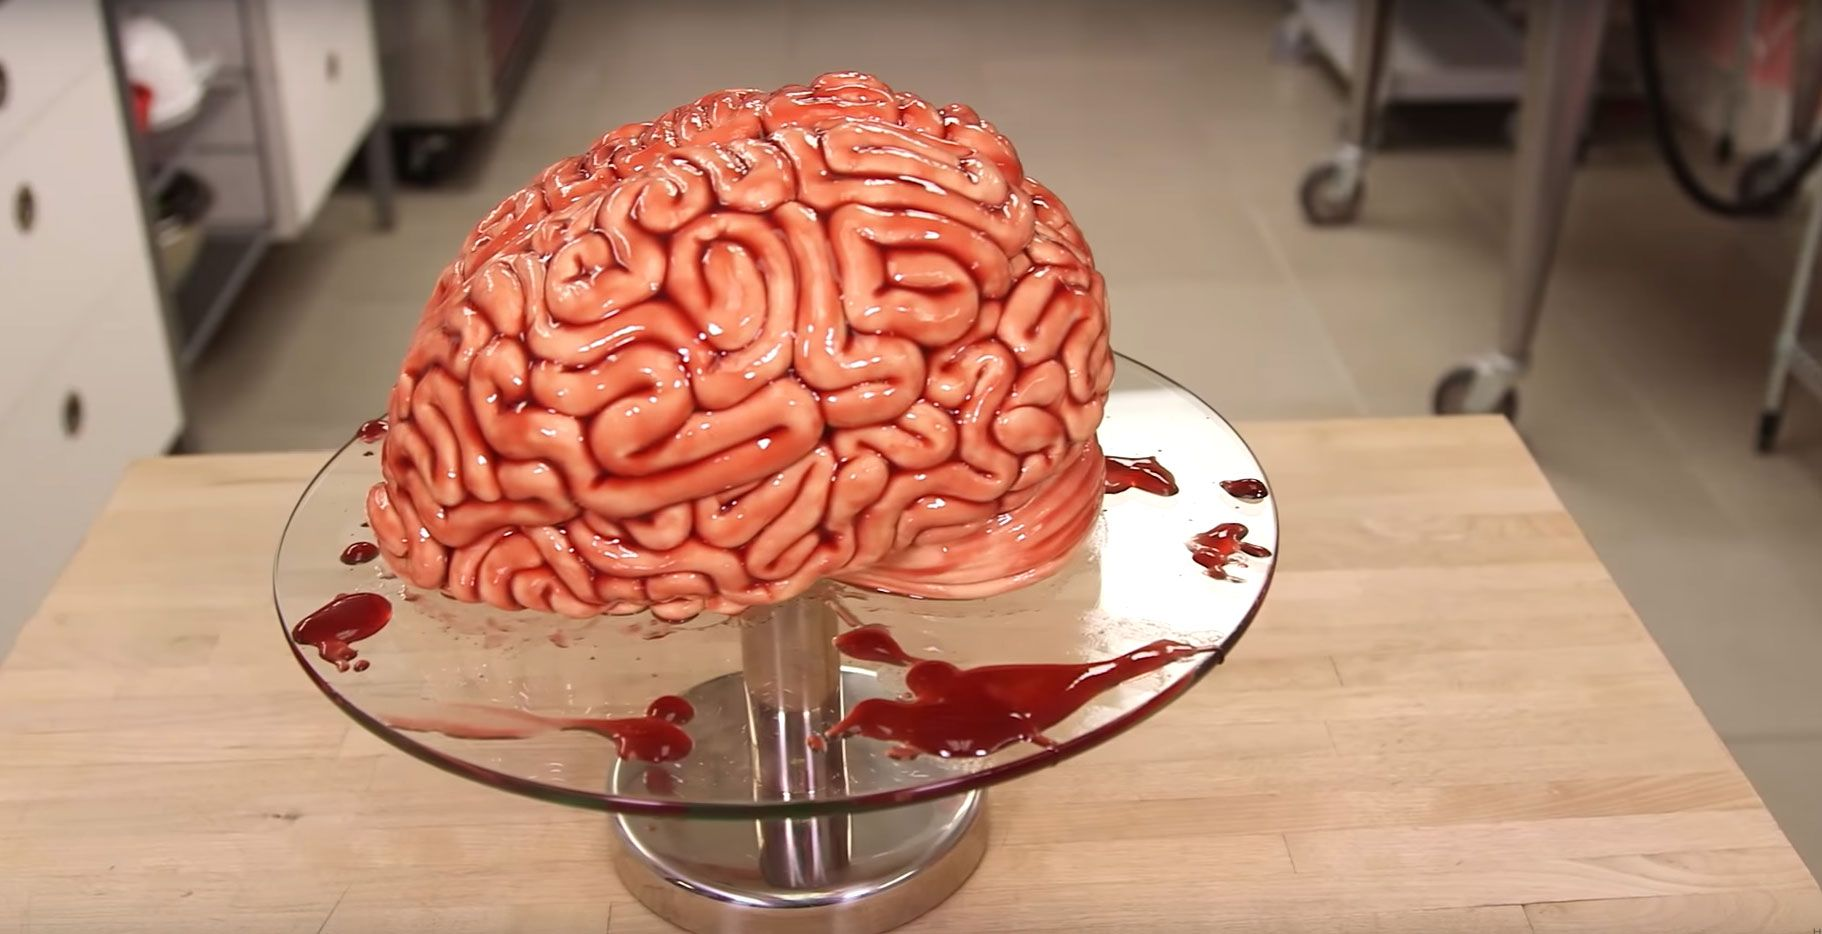 Hogy készítsünk Véres Agy tortát 'Walking Dead' módra - http://www.otthon24.hu/hogy-keszitsunk-veres-agy-tortat-walking-dead-modra/